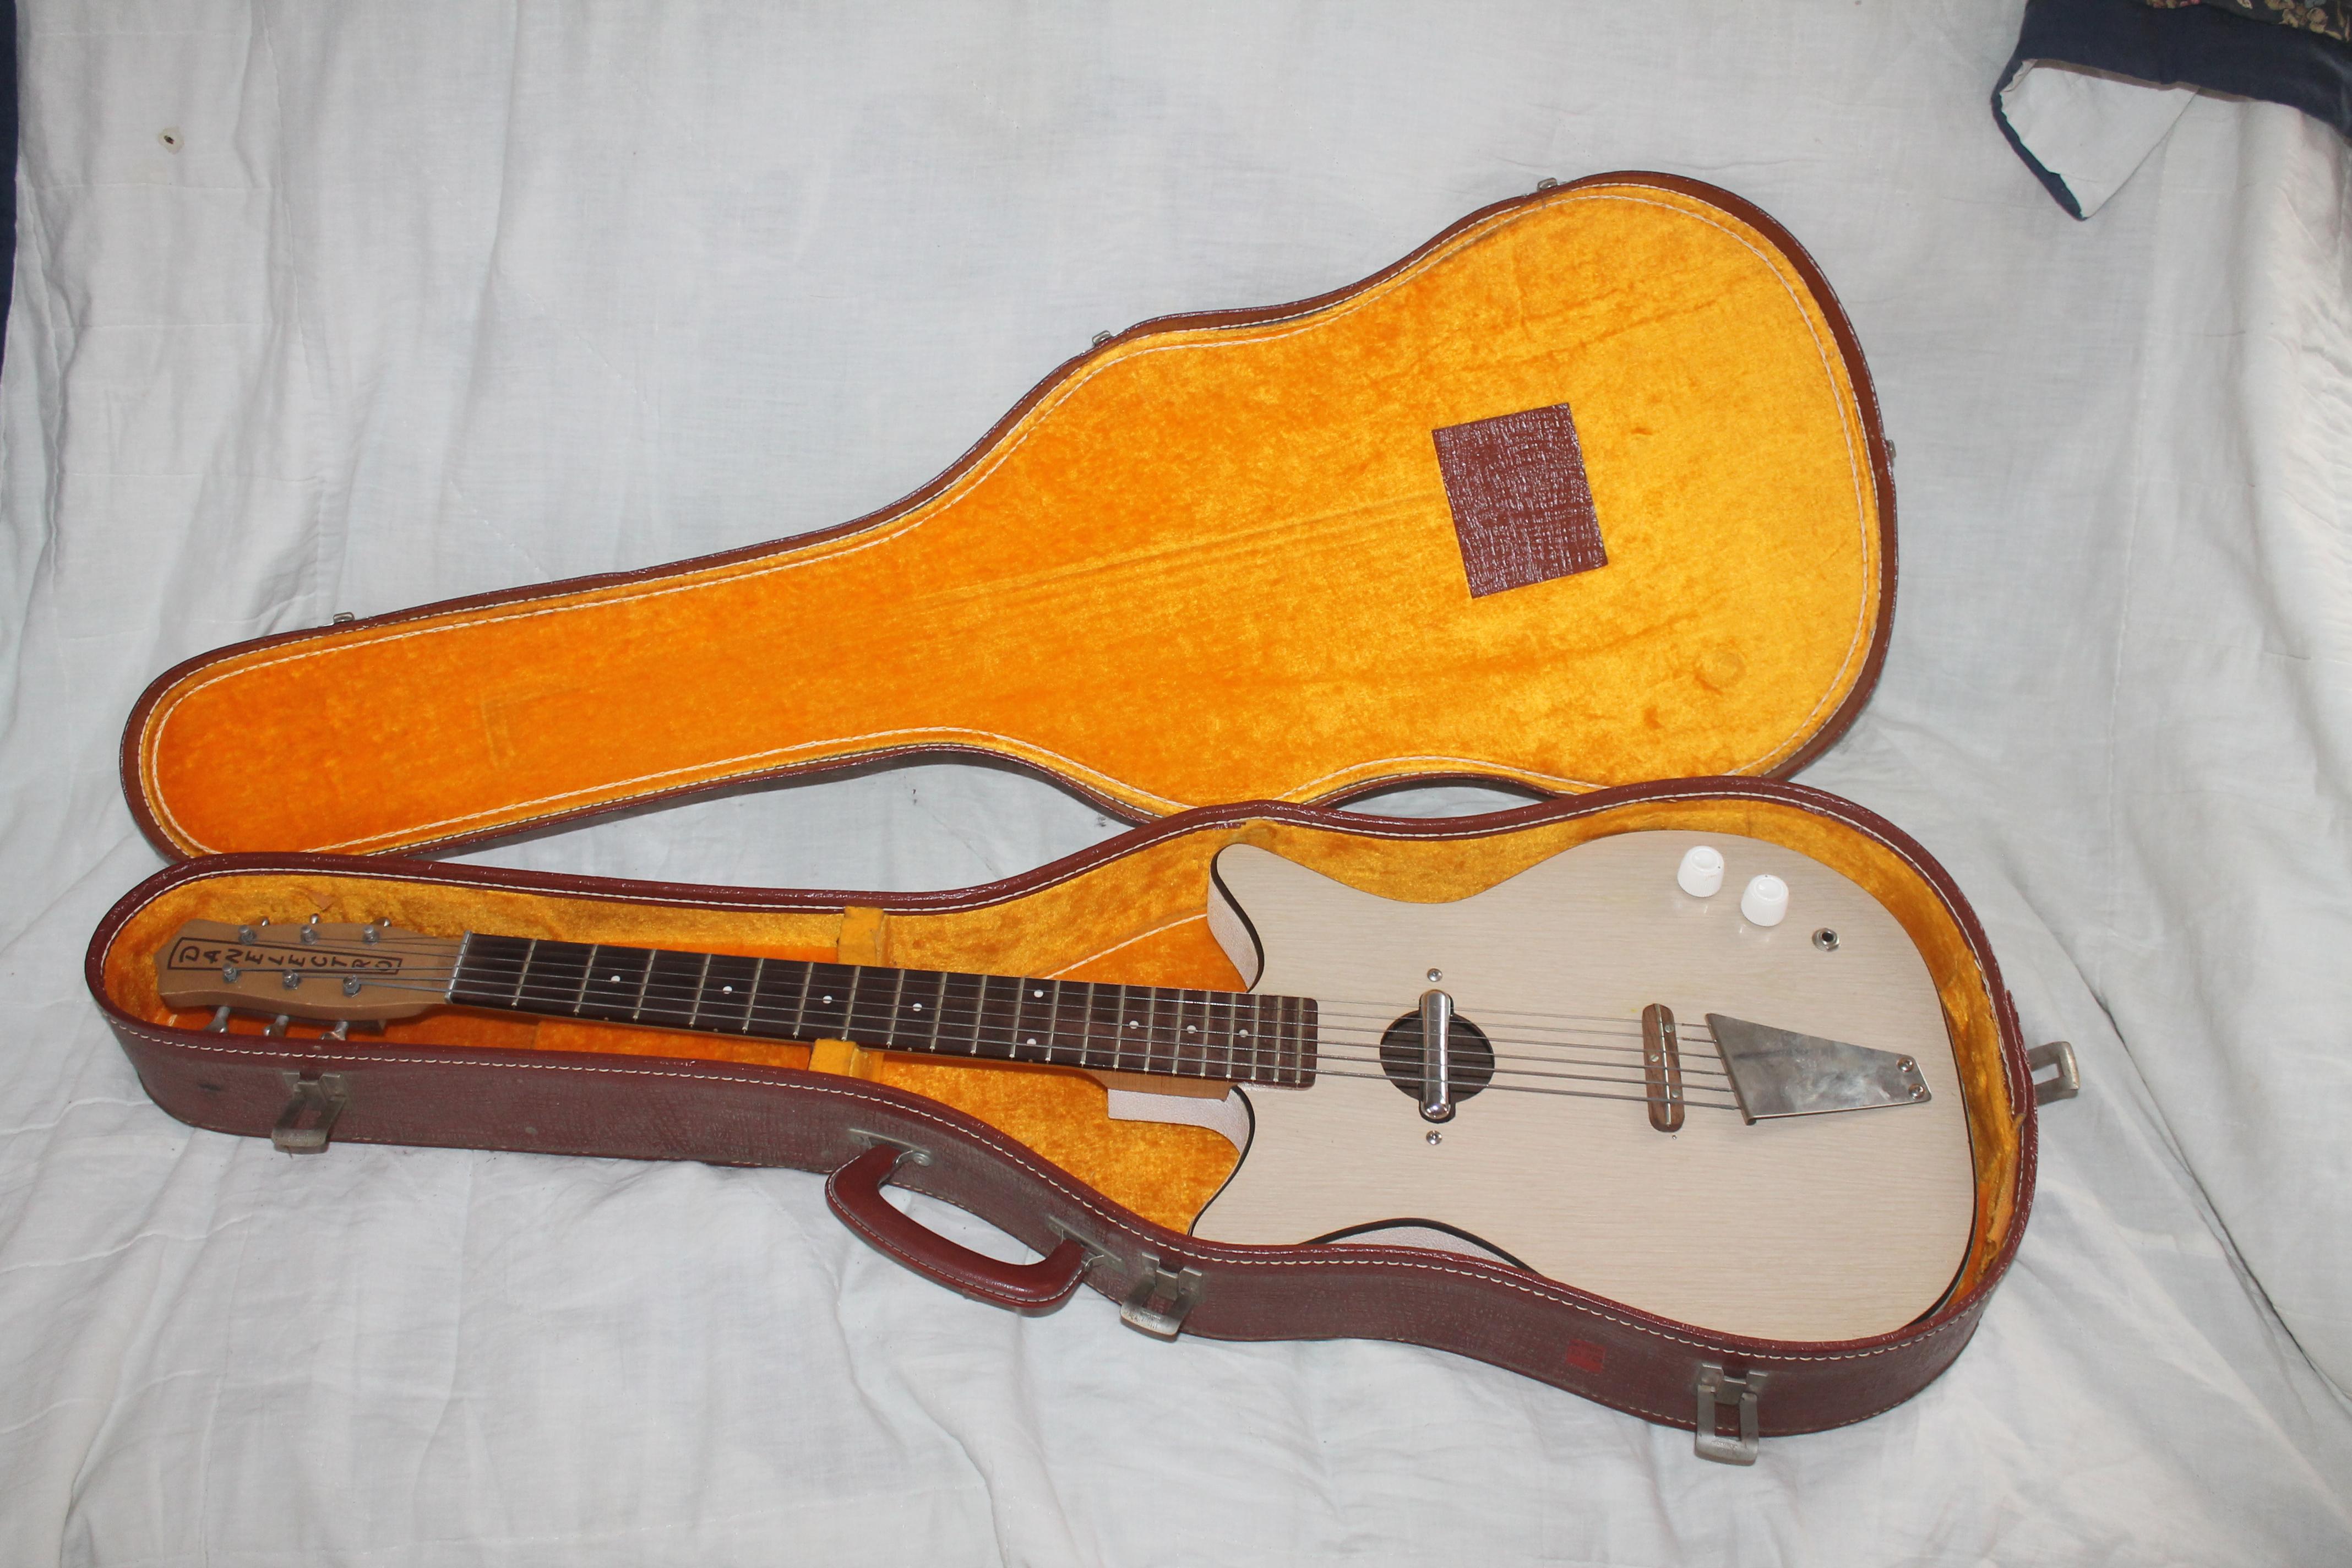 Vintage Danelectro 1960's Guitar For Sale  Single pickup - formica